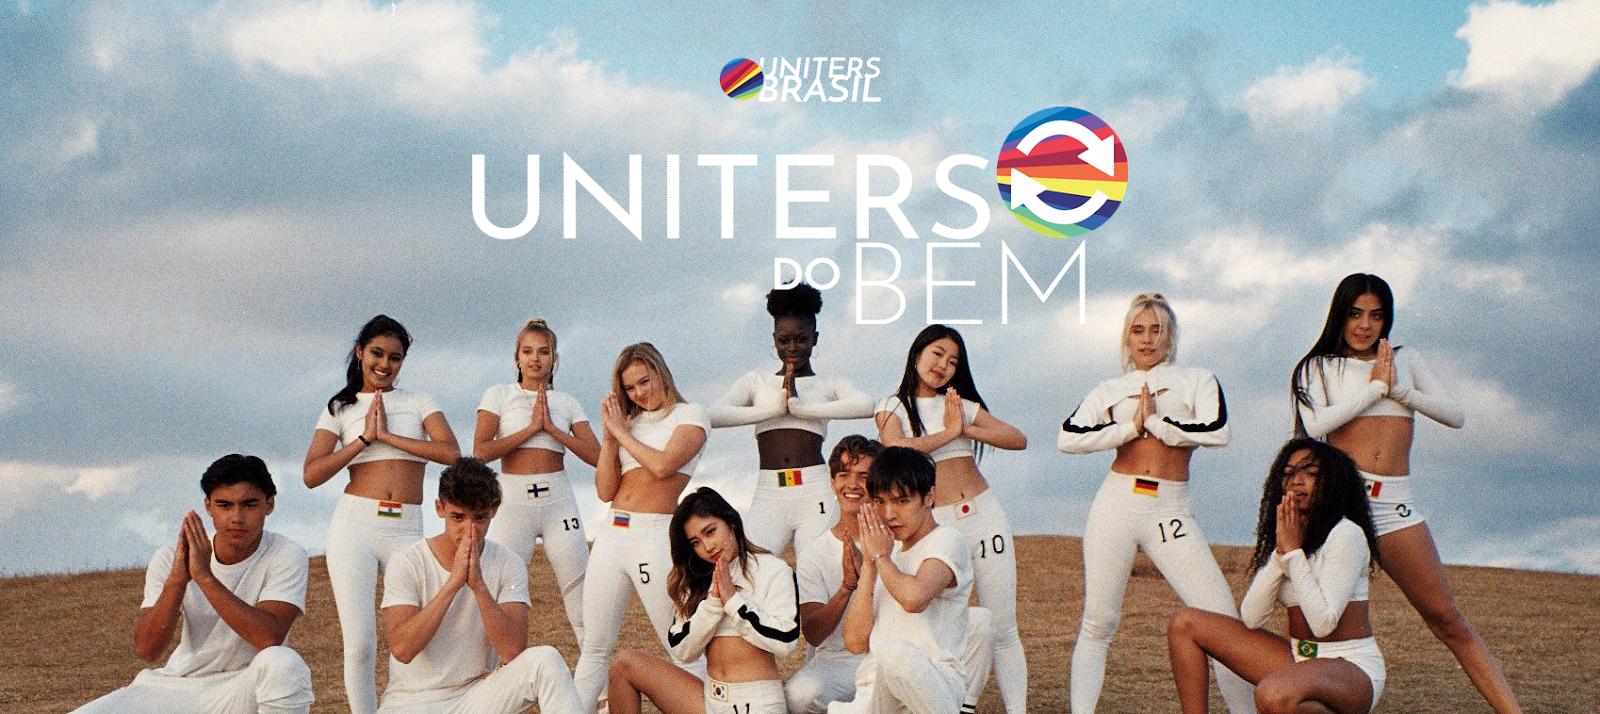 Uniters do Bem | Conheça o projeto!